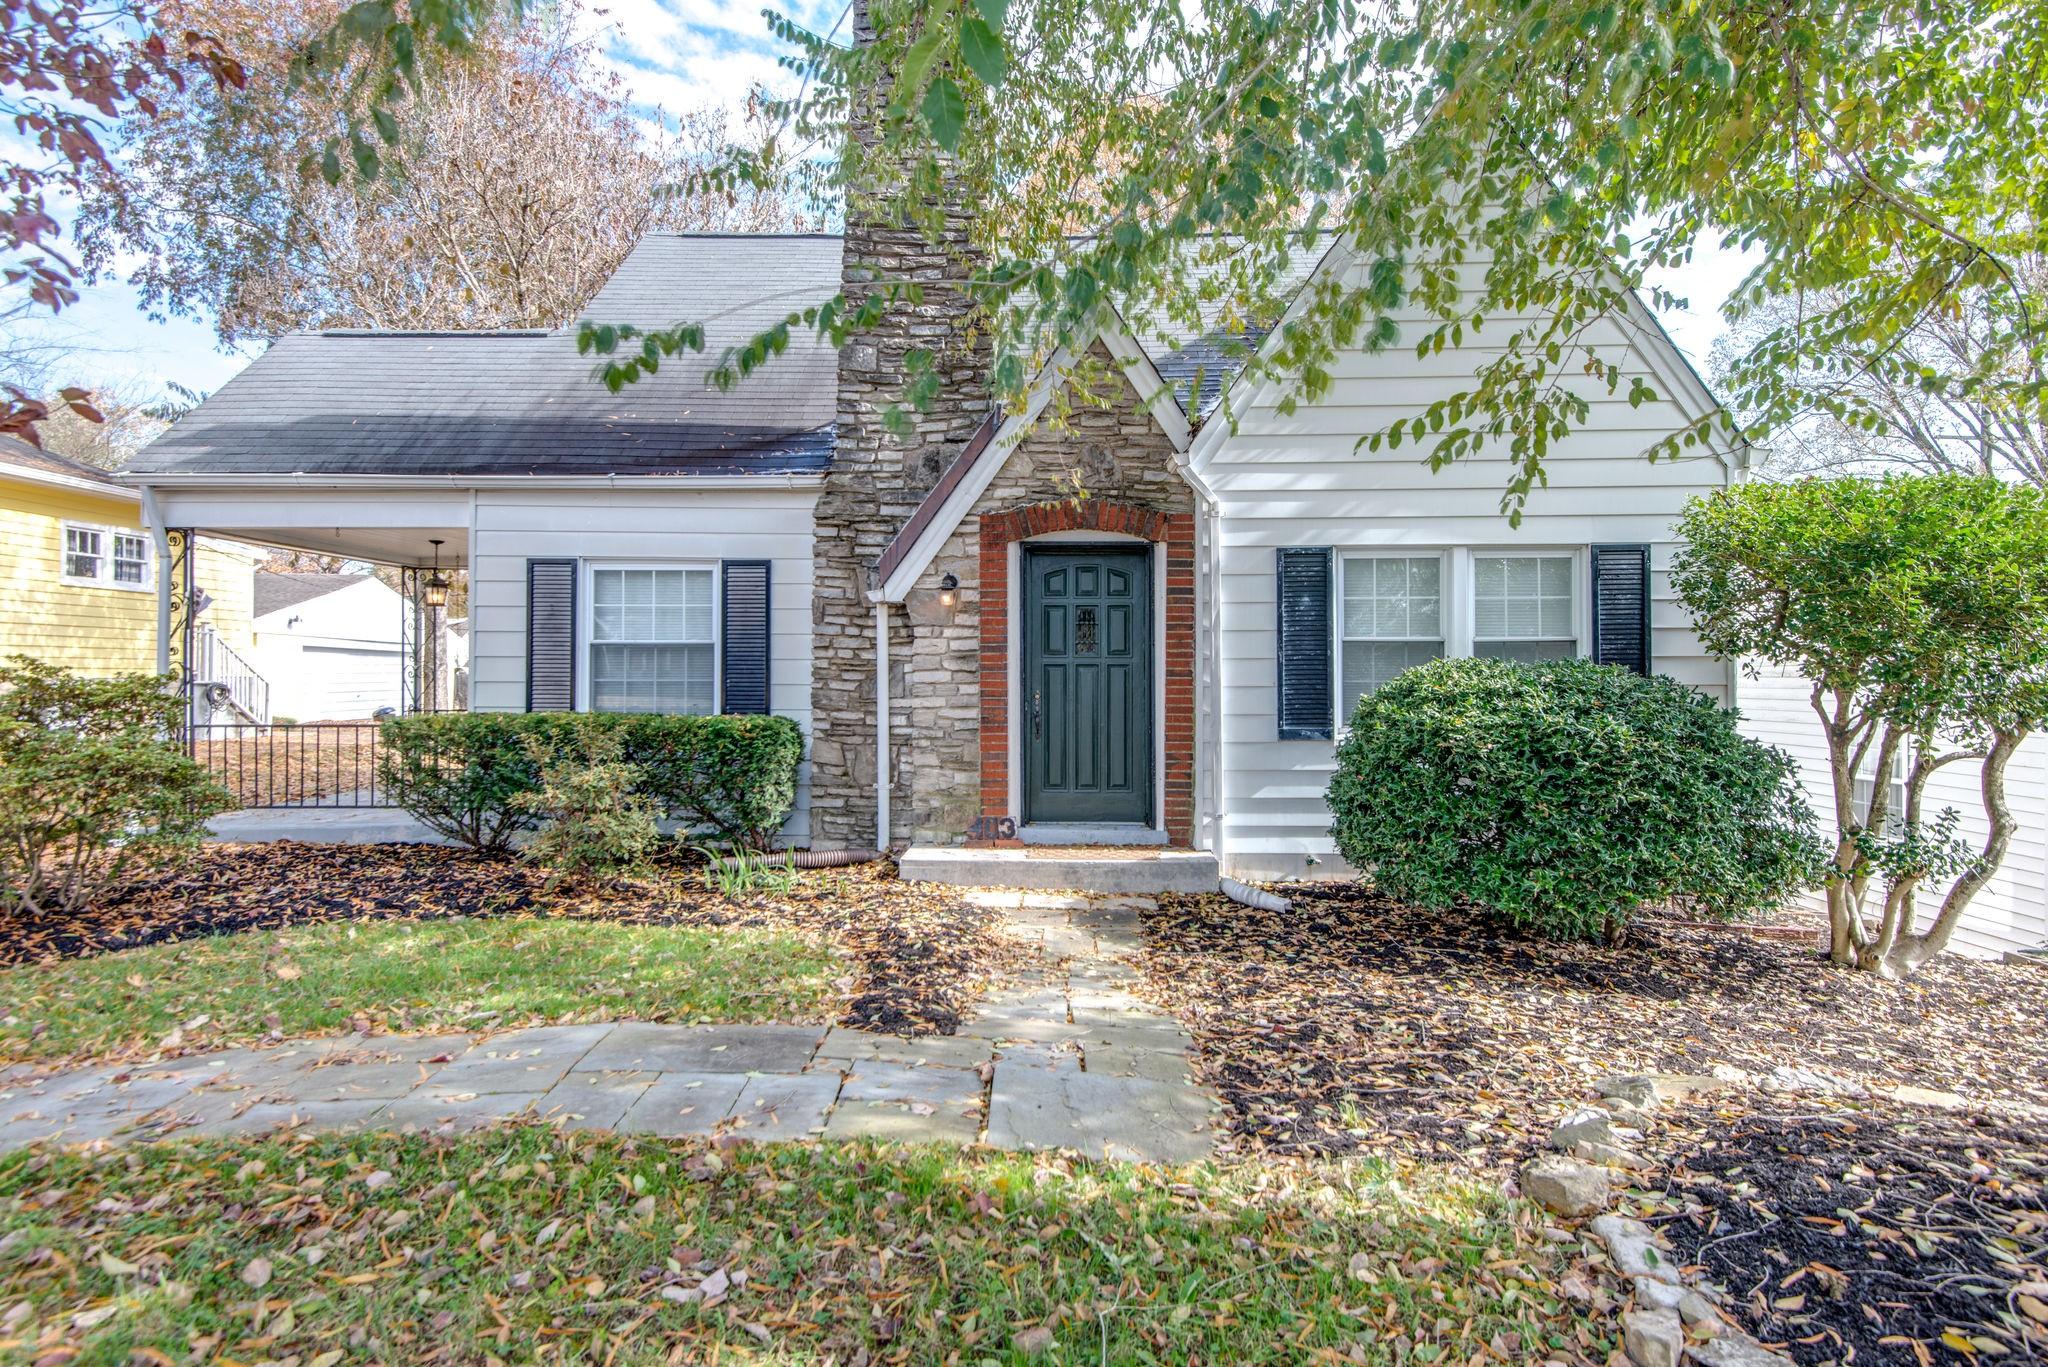 403 Lockland Dr, Nashville, TN 37206 - Nashville, TN real estate listing